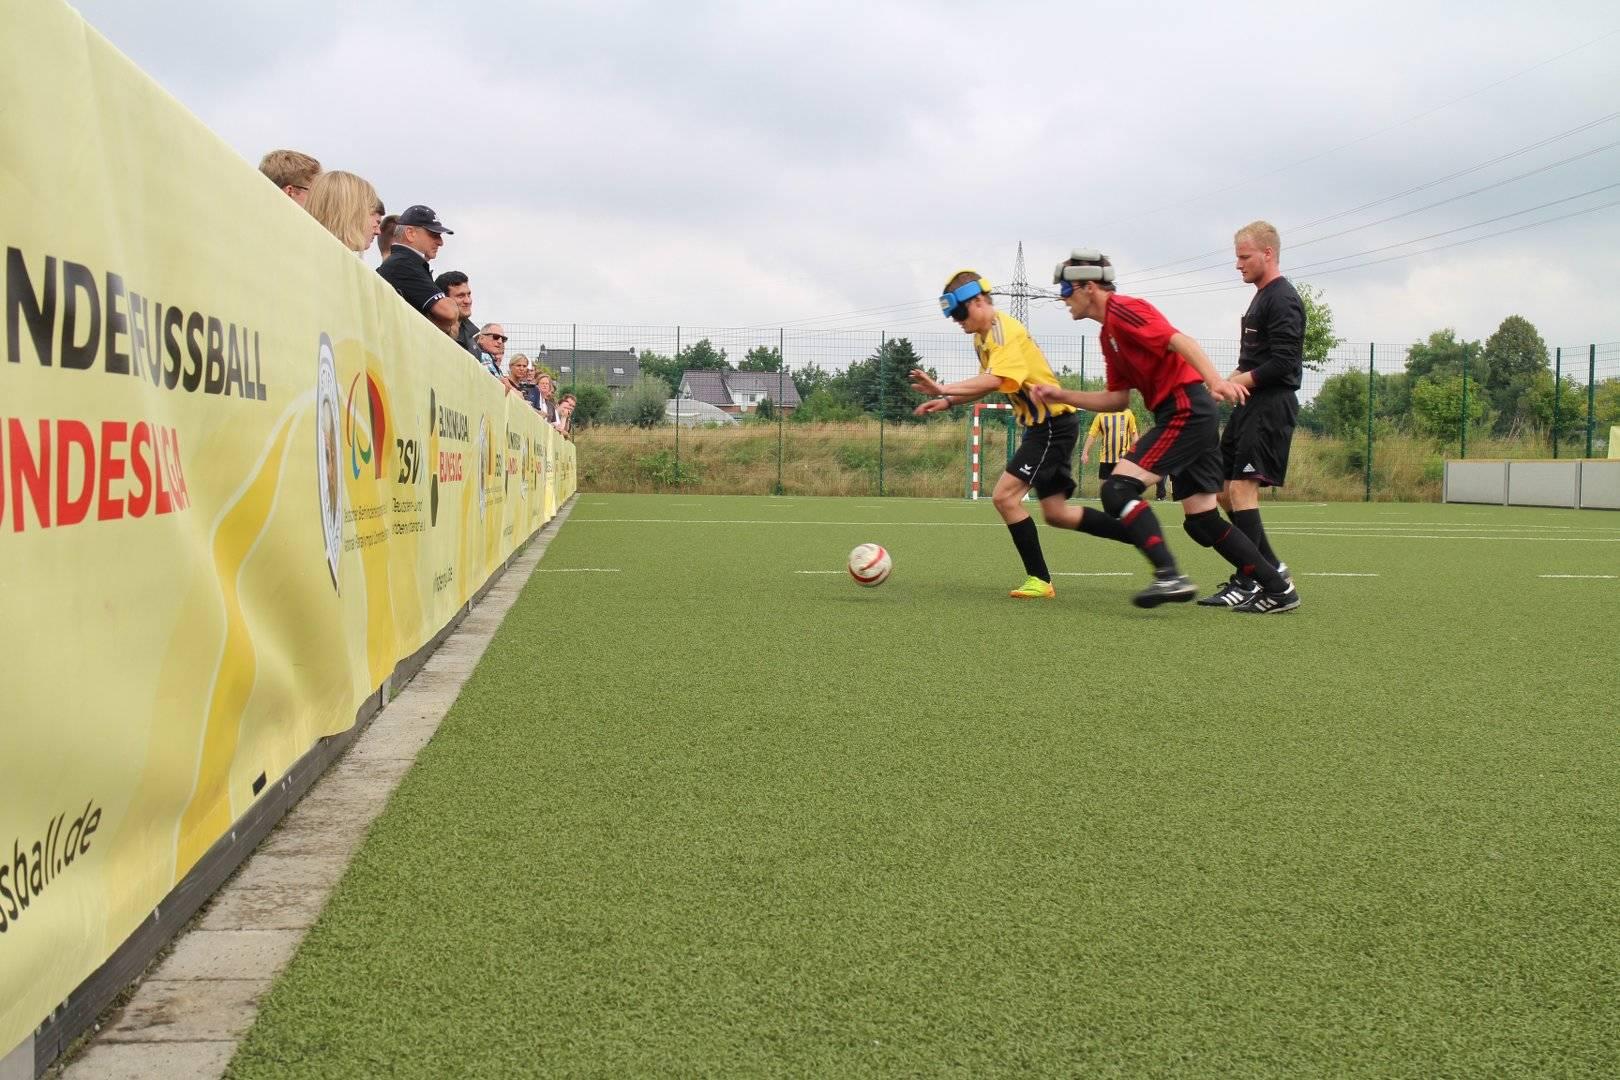 Marburger und Chemnitzer Spieler im Lauf um den Ball